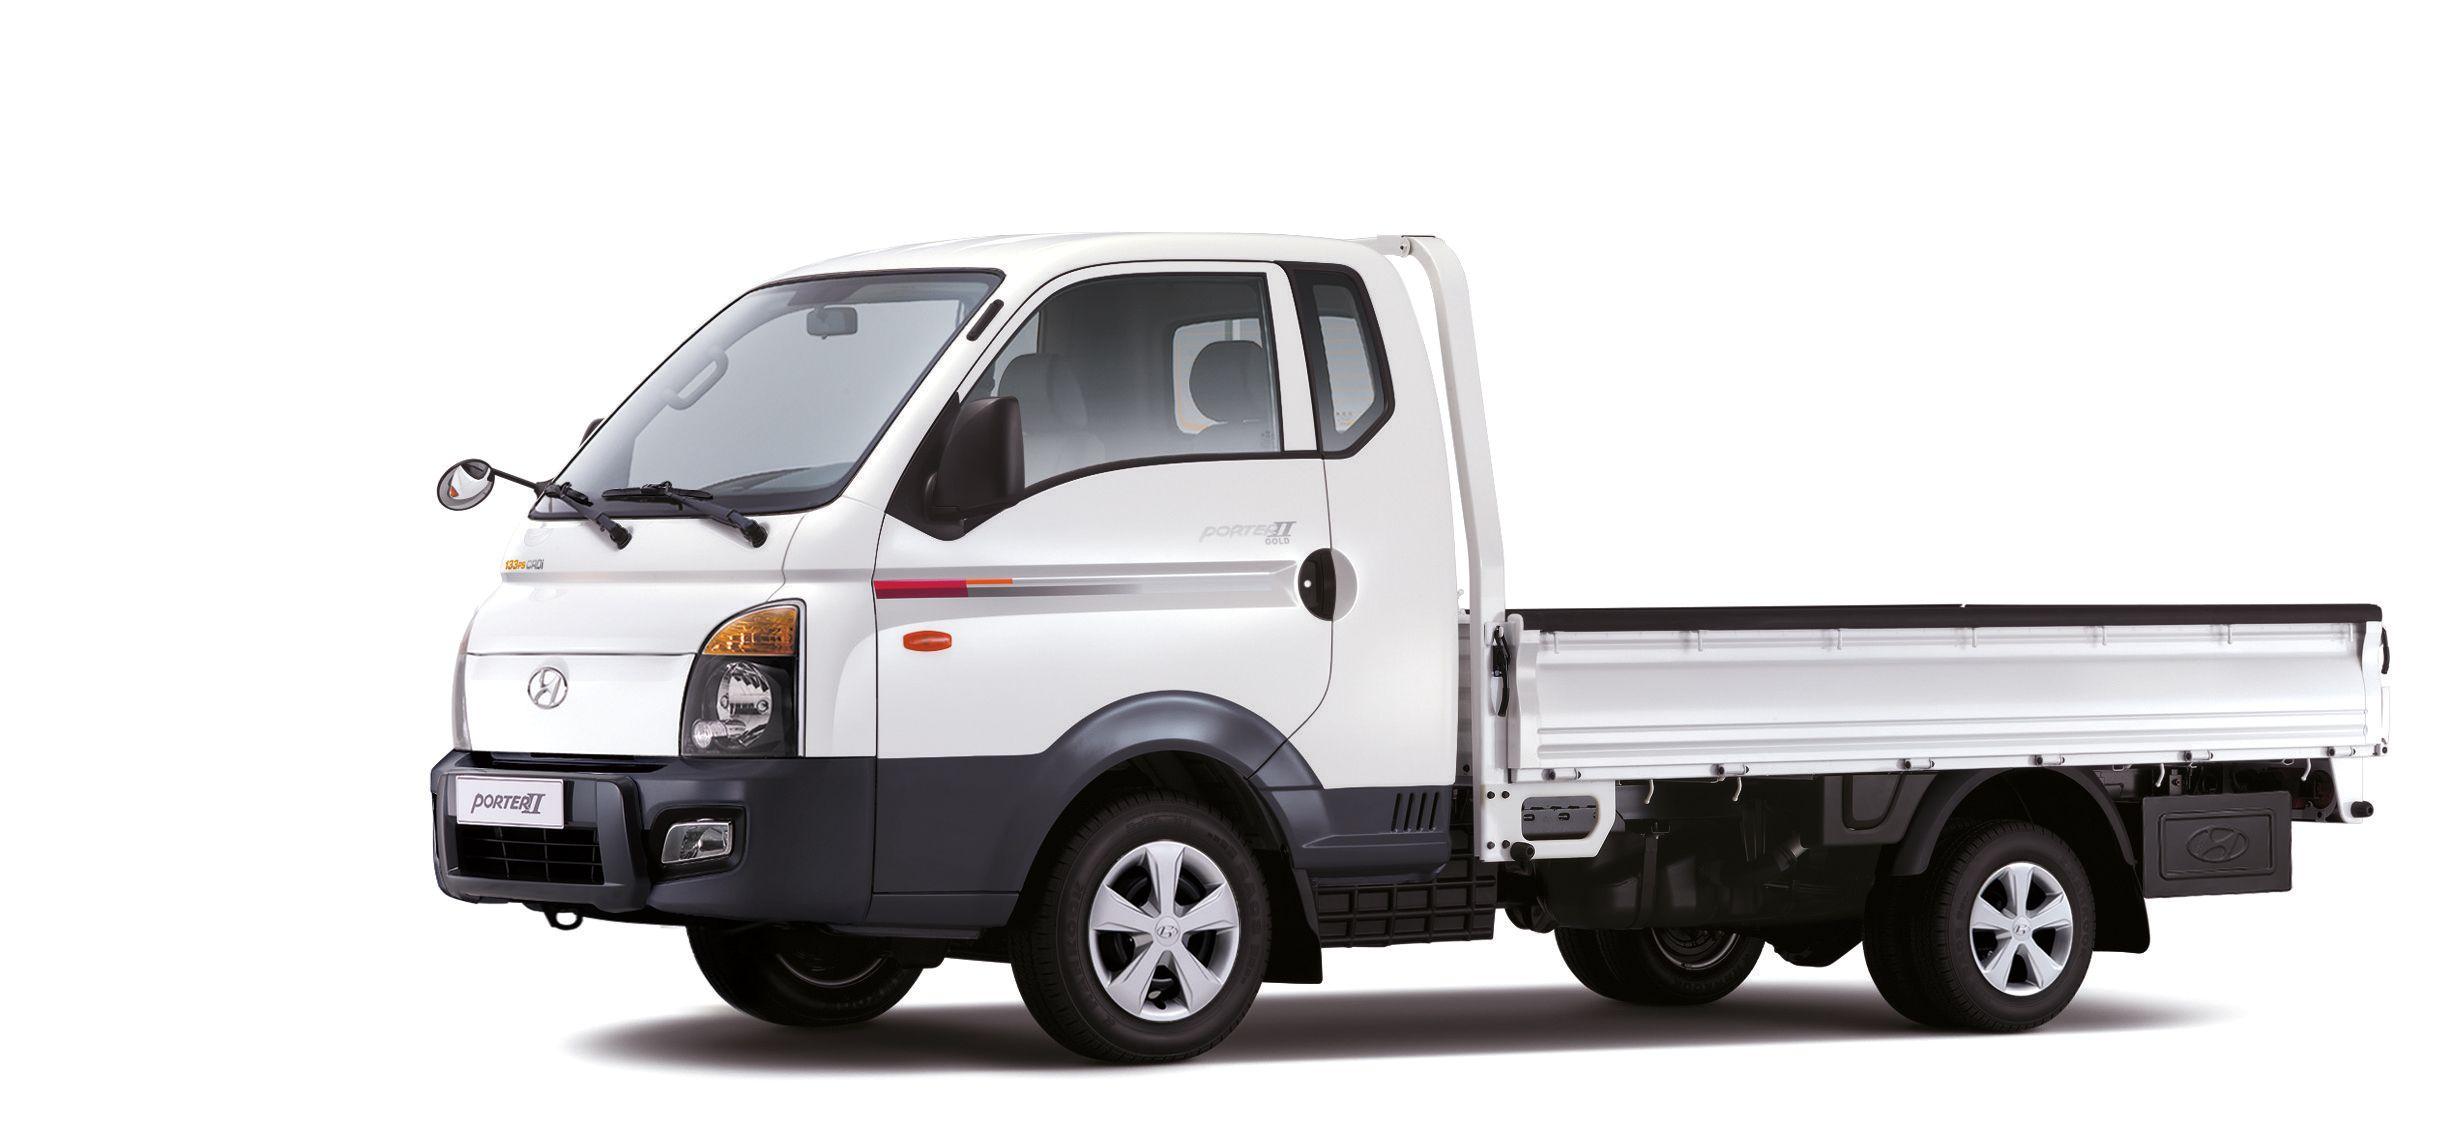 트럭 Google 검색 트럭 자동차 놀이터